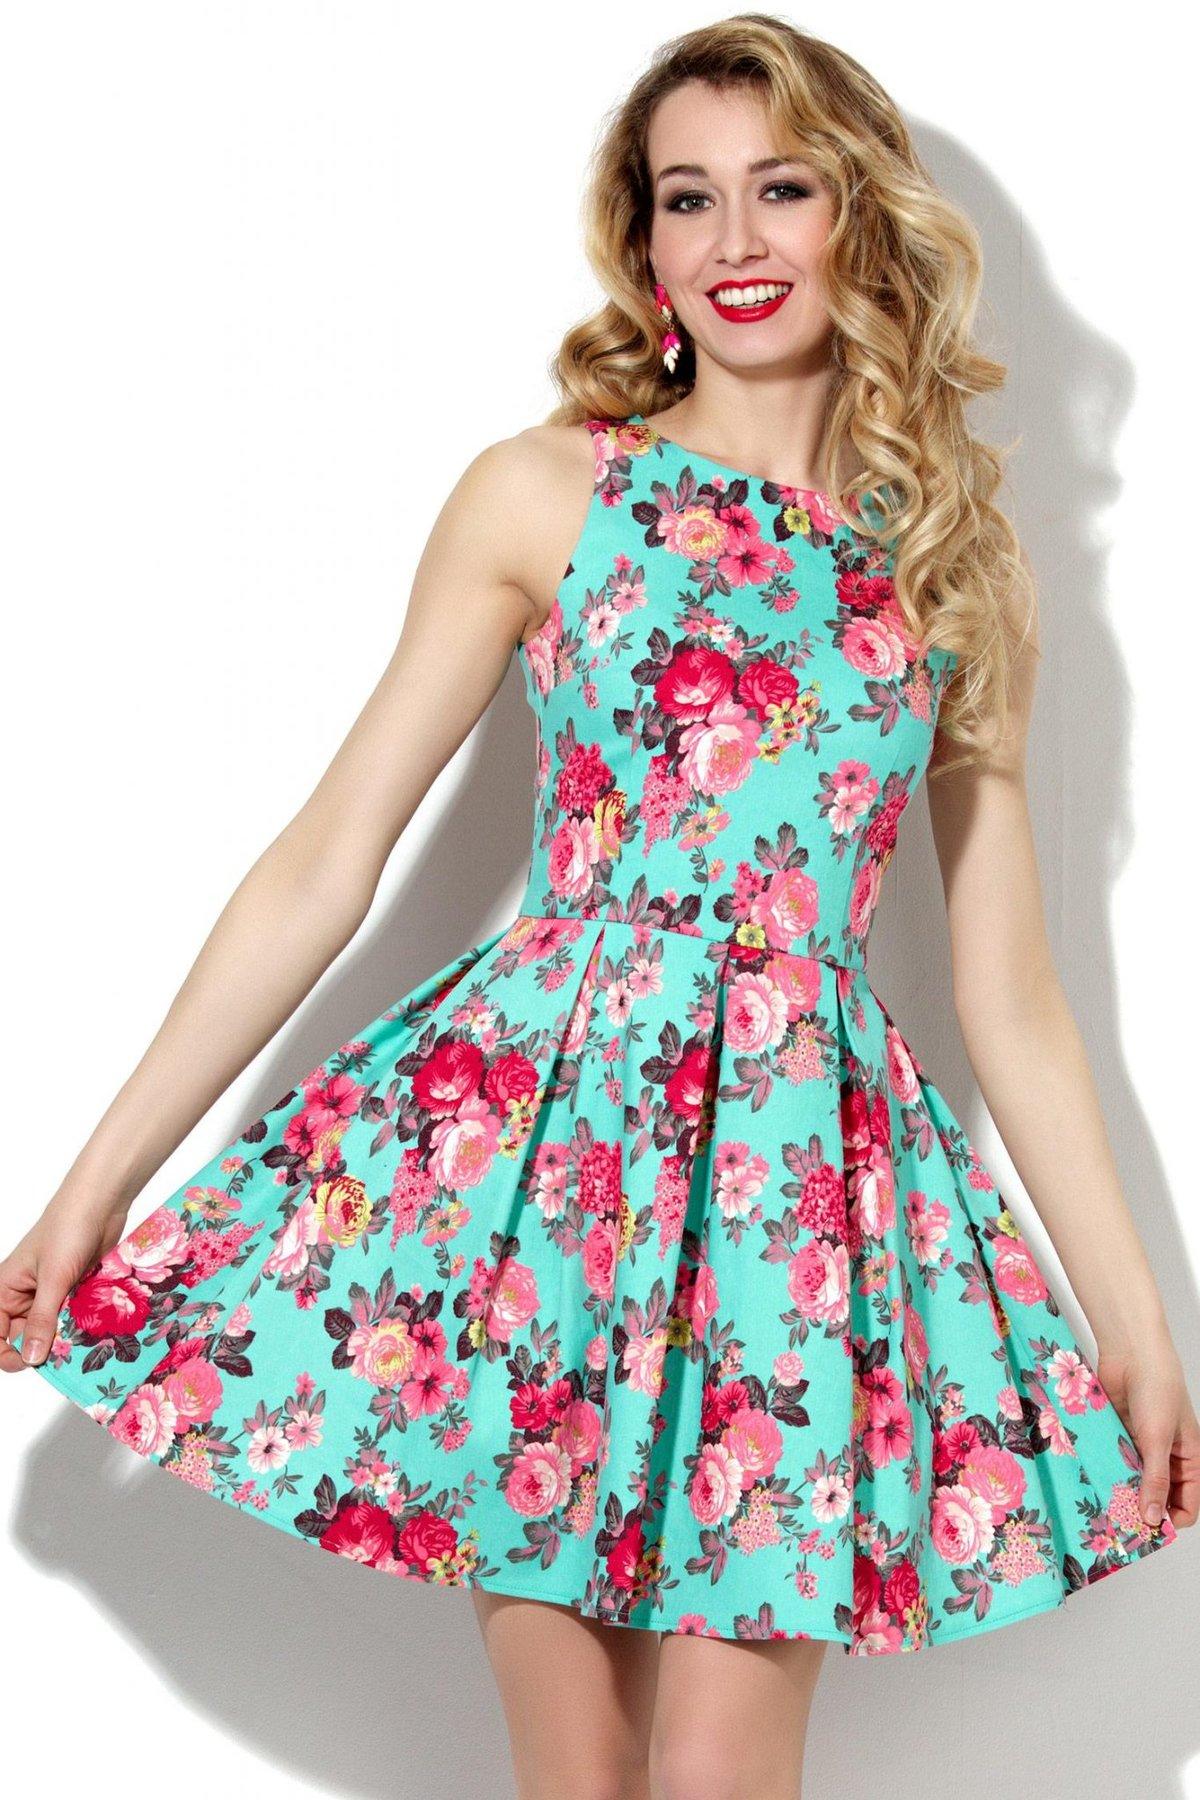 знаменитостей образцы платья с картинками такие